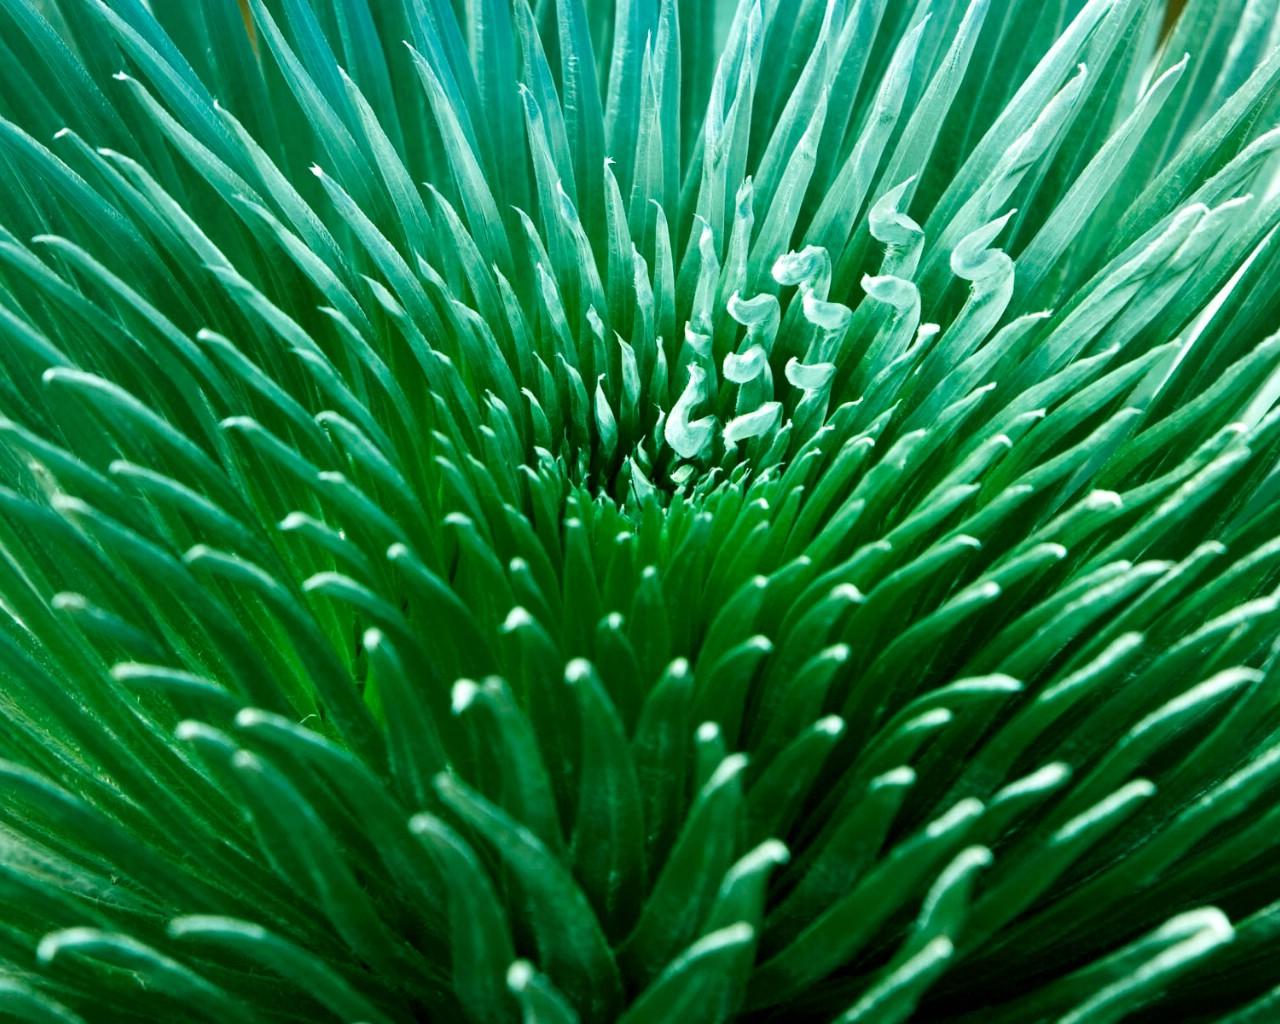 壁纸1280×1024植物绿叶高清壁纸壁纸 植物绿叶高清壁纸壁纸图片植物壁纸植物图片素材桌面壁纸